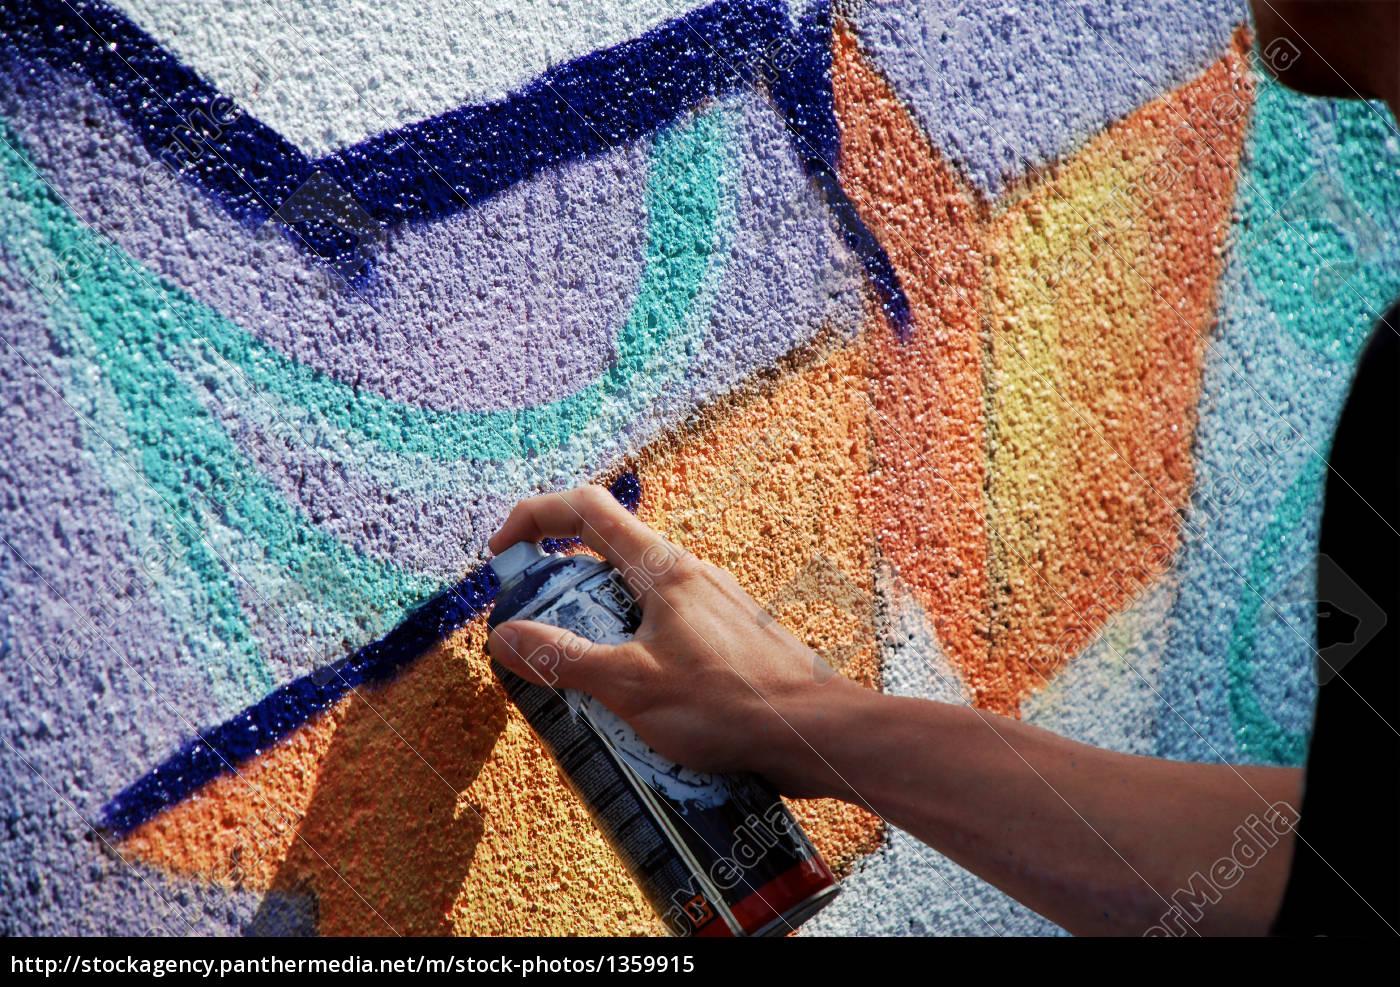 graffiti, in, progress - 1359915